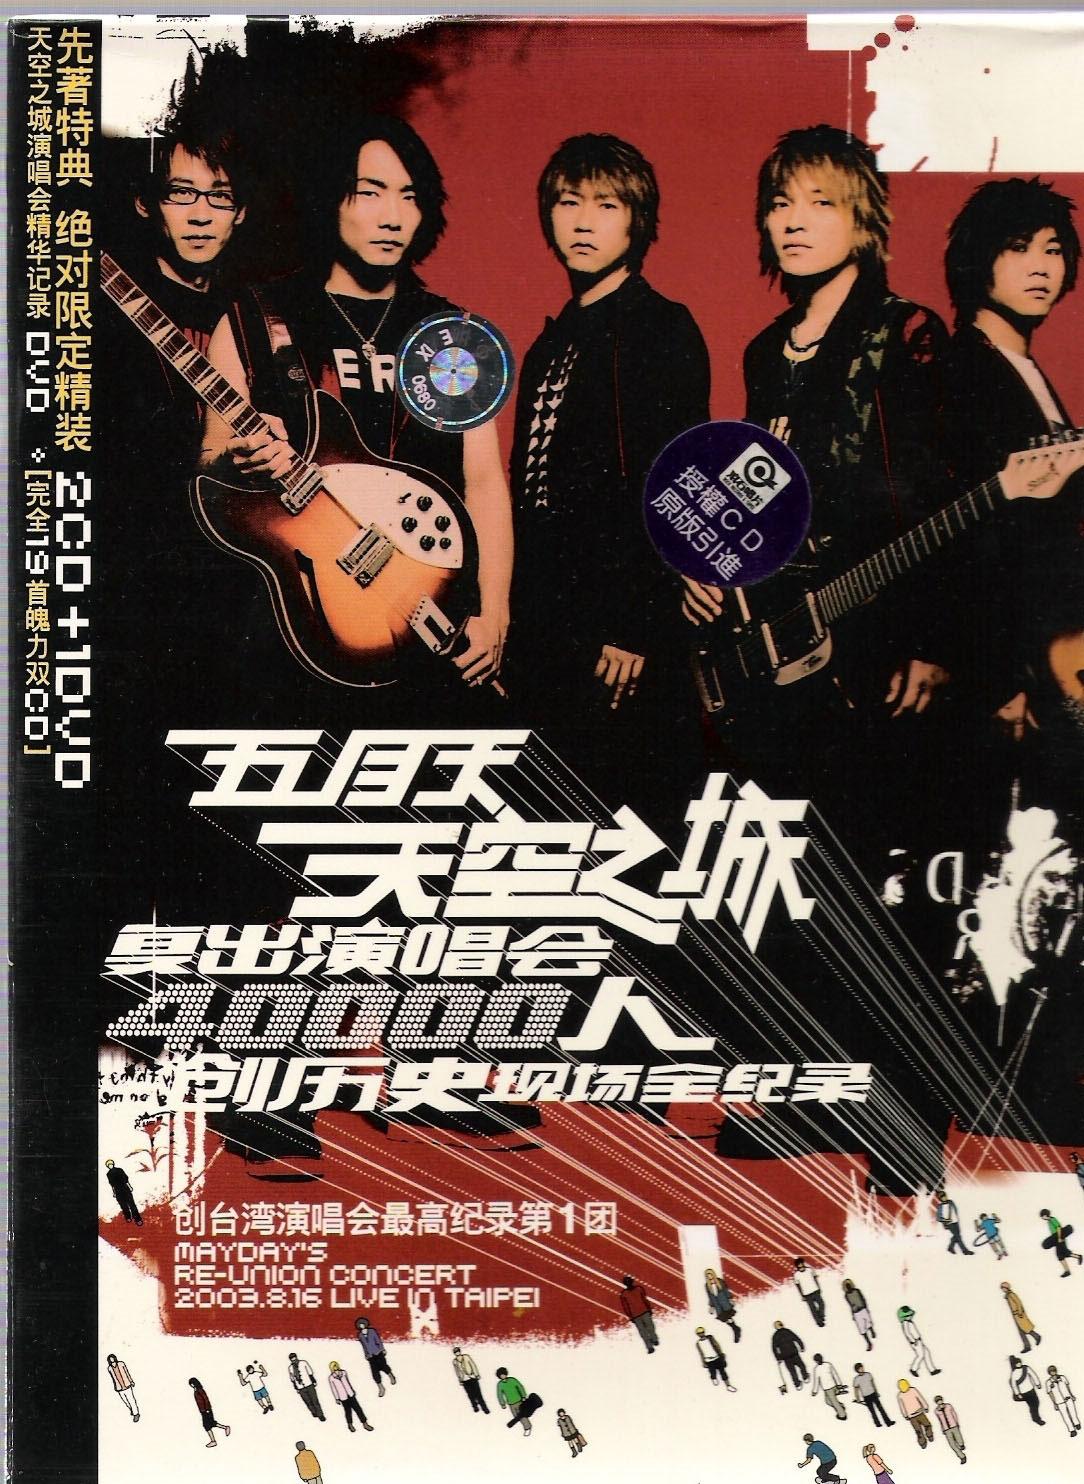 五月天 – 天空之城 复出Live全纪录 2004 2CD(WAV+CUE/整轨/980M)插图